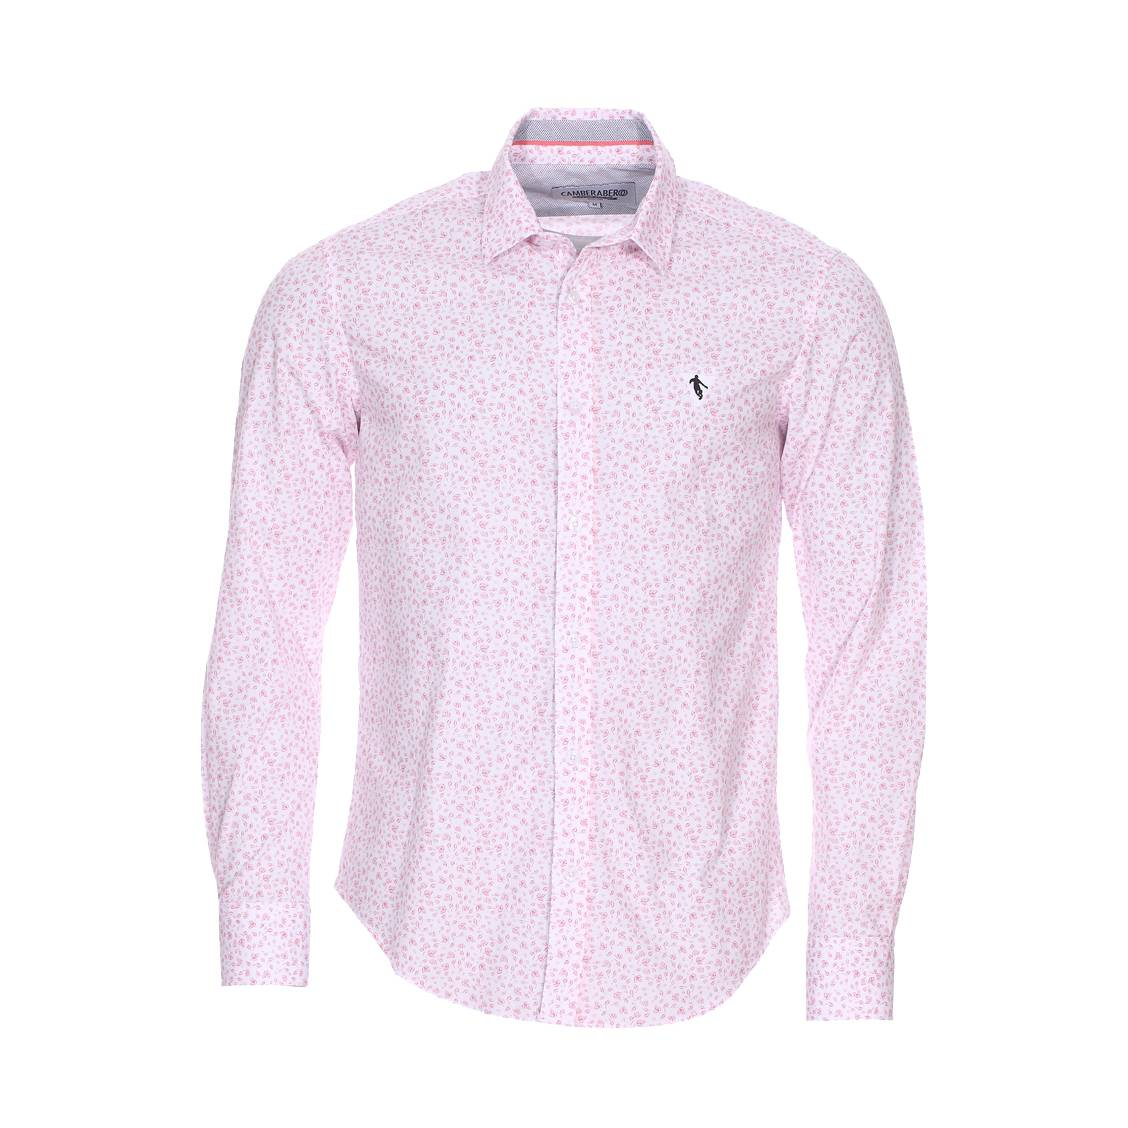 Chemise droite Camberabero en coton blanc à fleurs rouge pâle